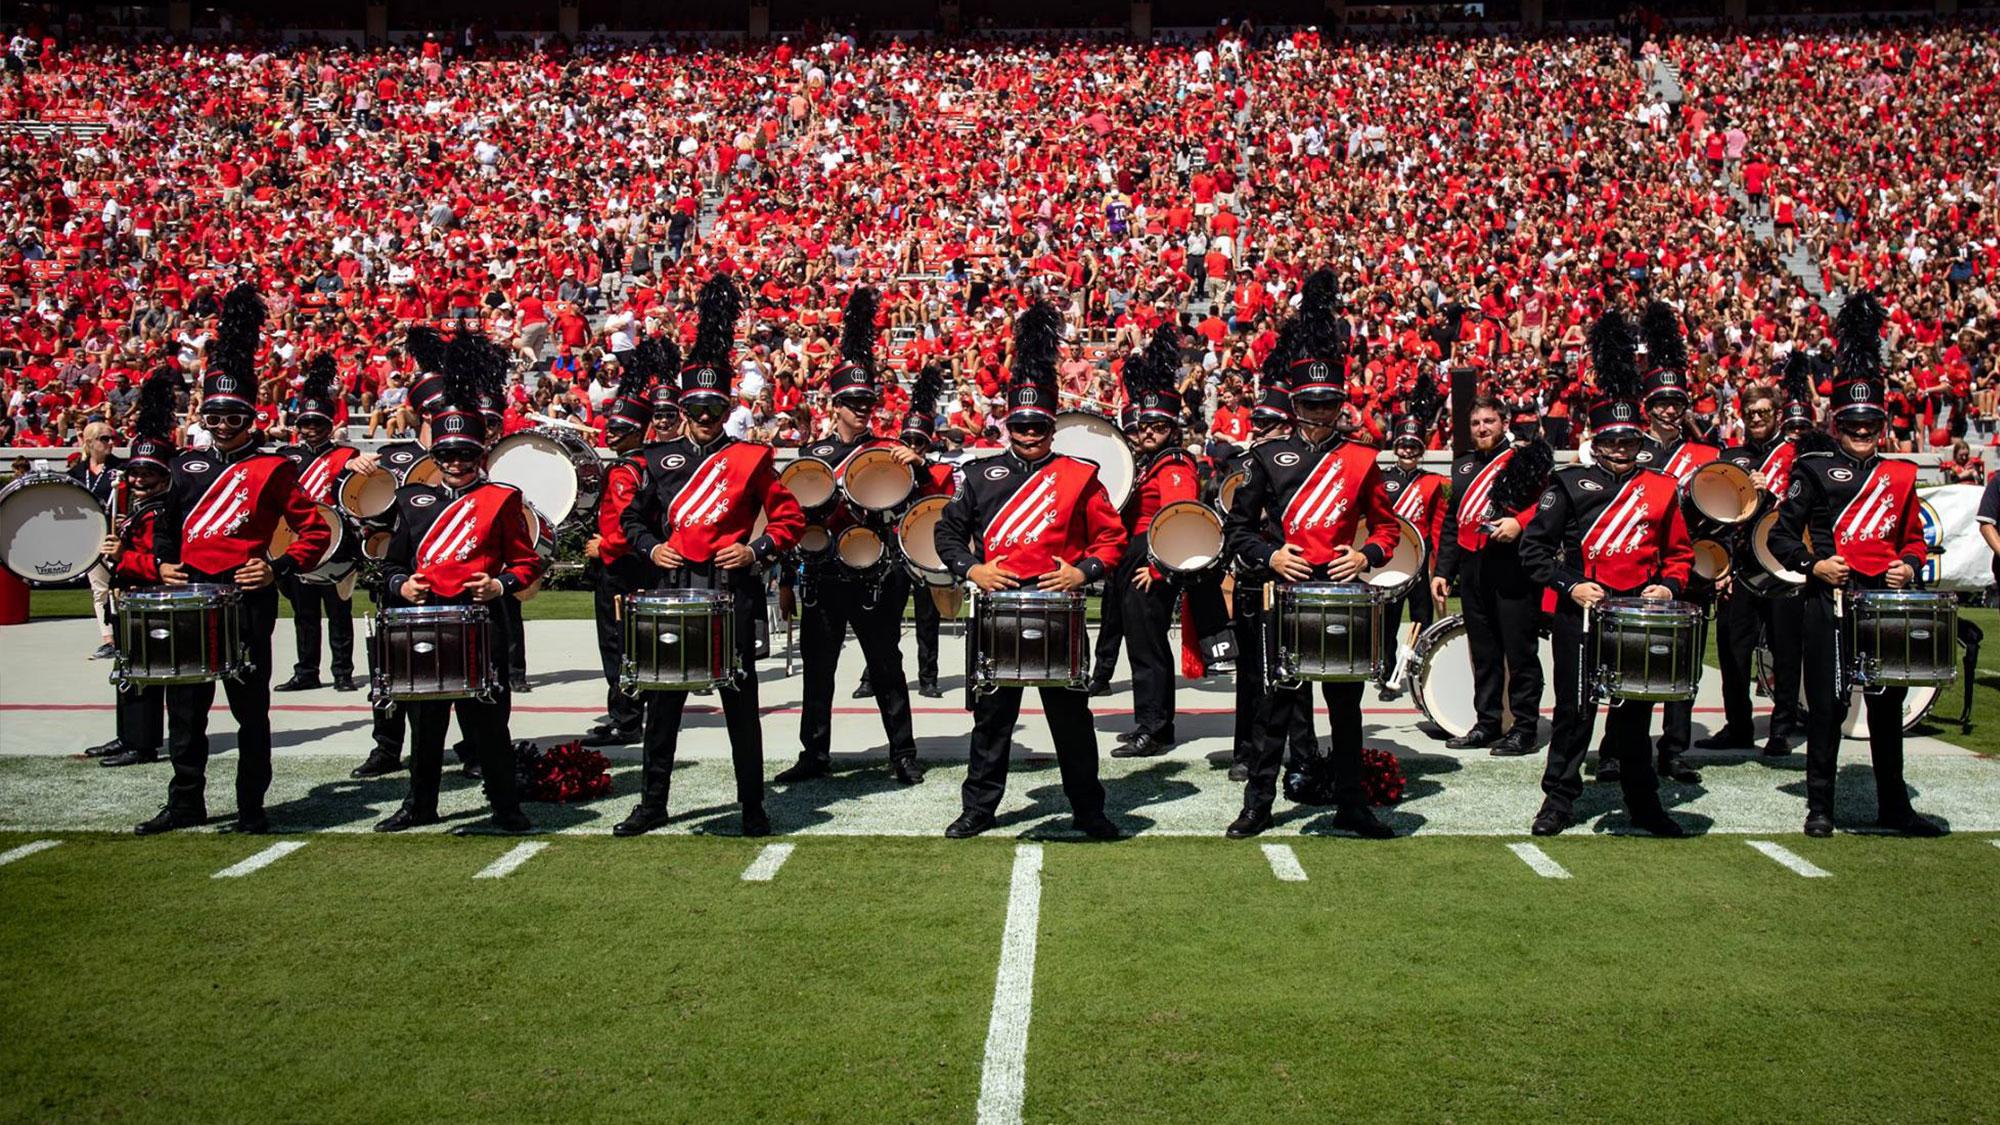 Redcoat Marching Band - University of Georgia Athletics